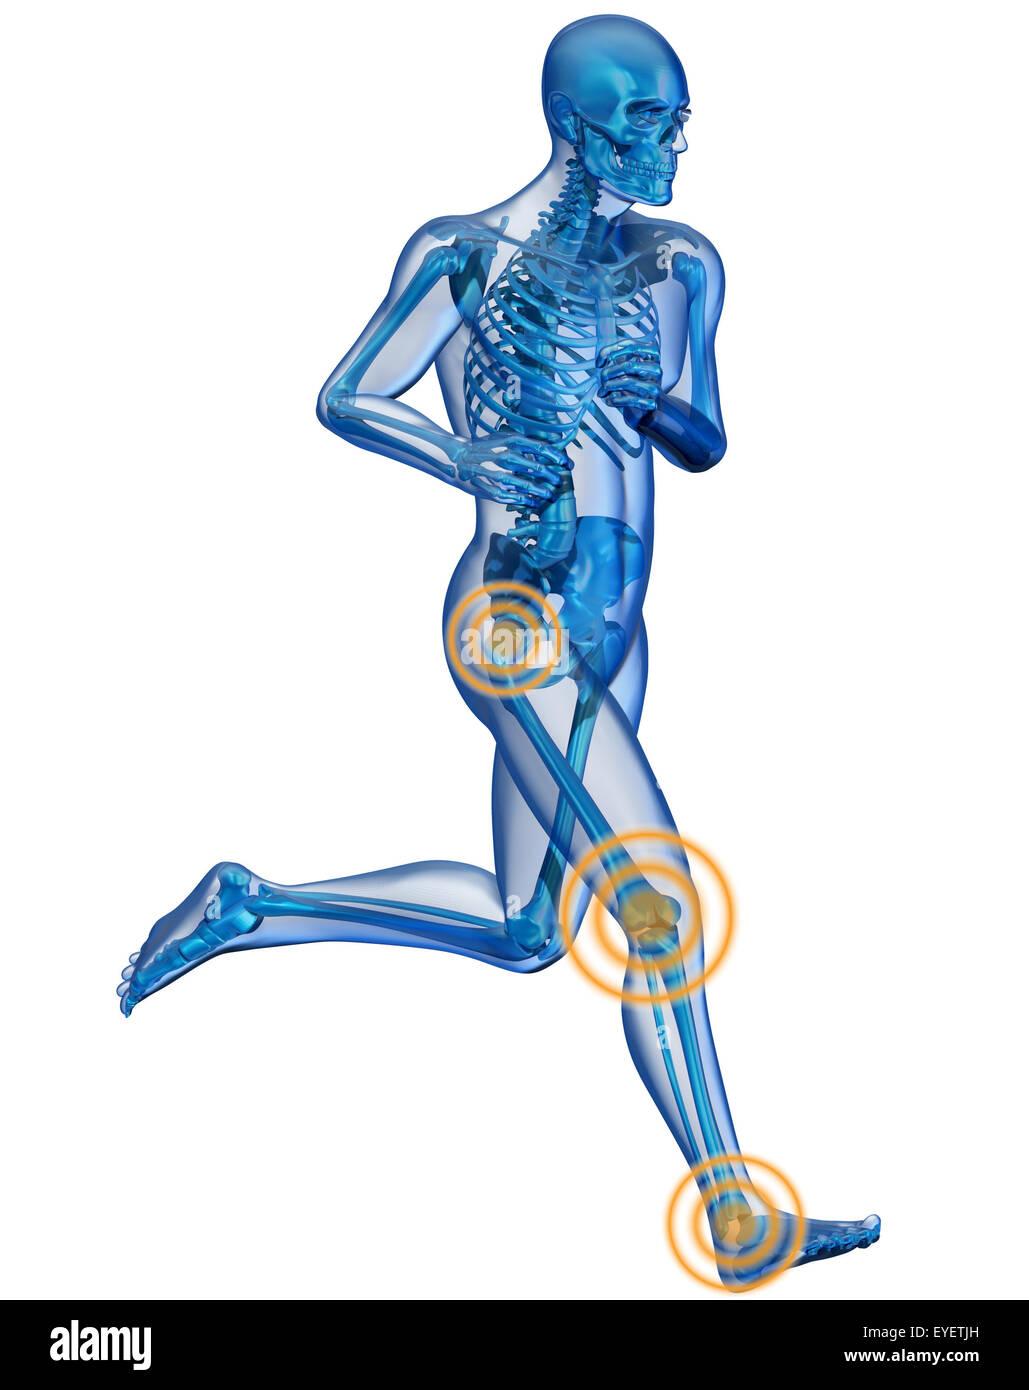 Hip Pain Stock Photos & Hip Pain Stock Images - Alamy